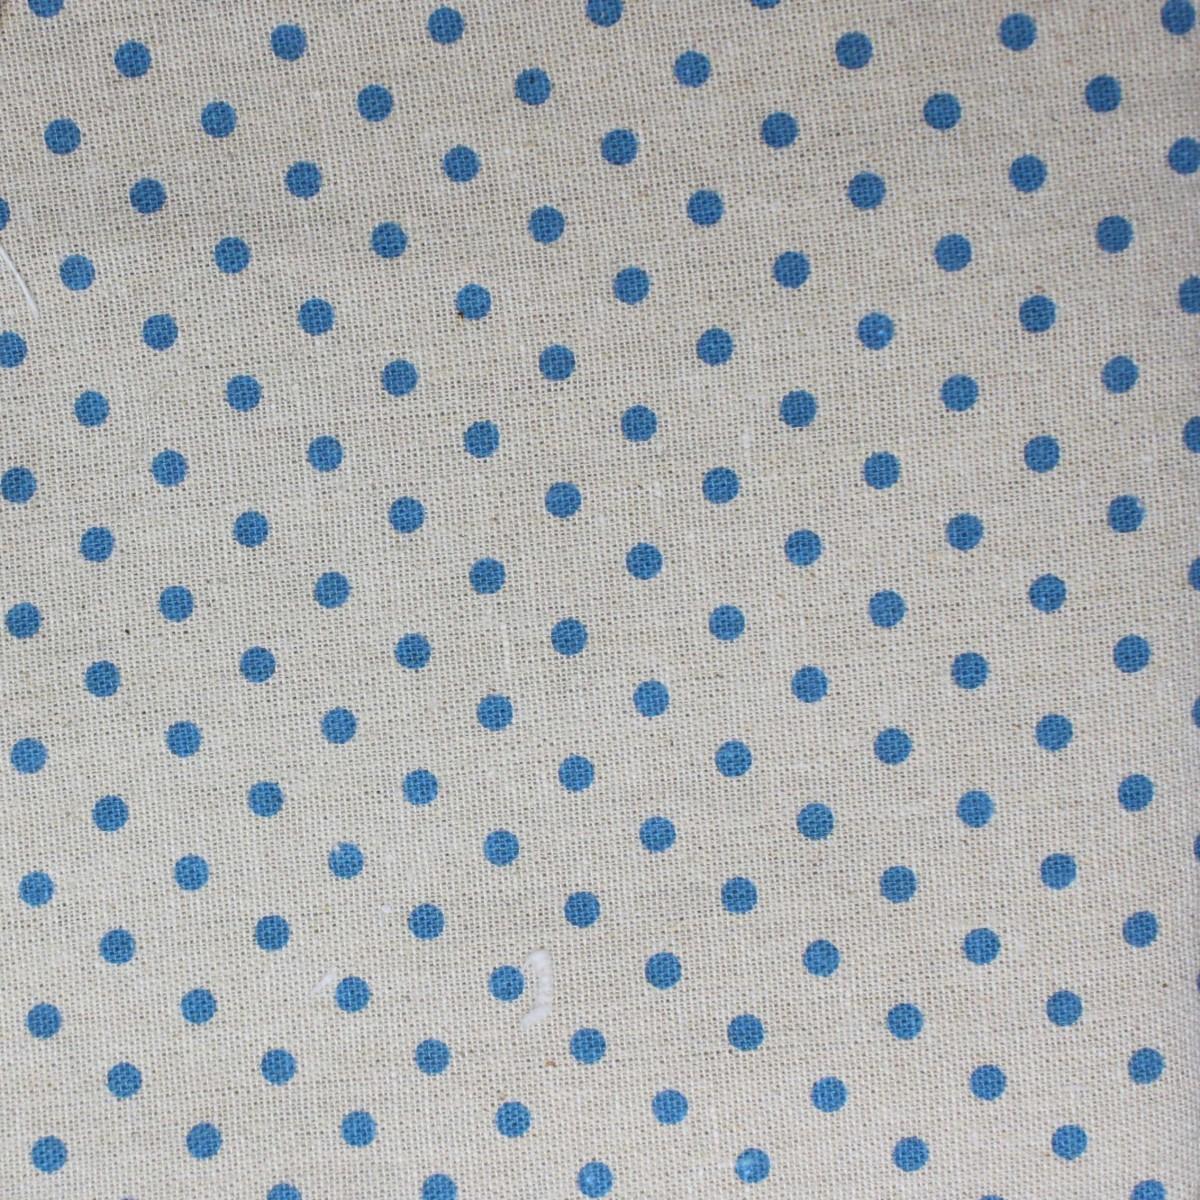 Stoffa Stampata con pois Azzurri 100x150cm